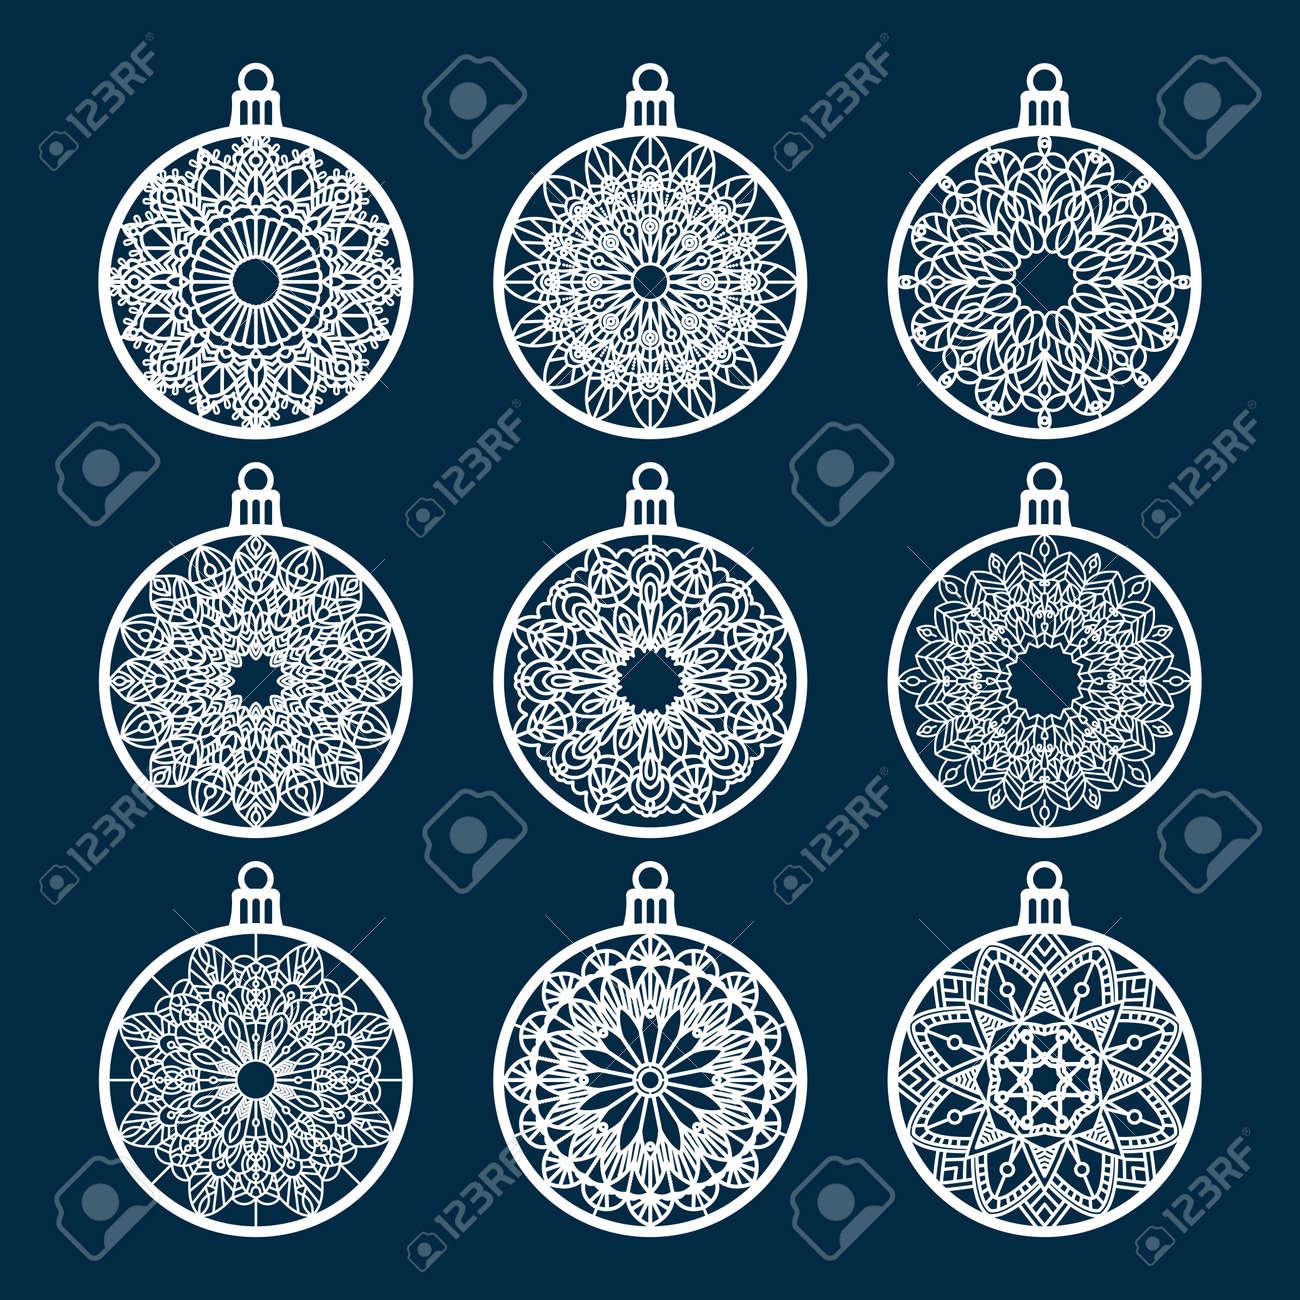 Boule De Noël Sertie De Flocon De Neige Gabarit De Découpe Laser Pour Cartes De Voeux Enveloppes Invitations éléments Intérieurs Panneau